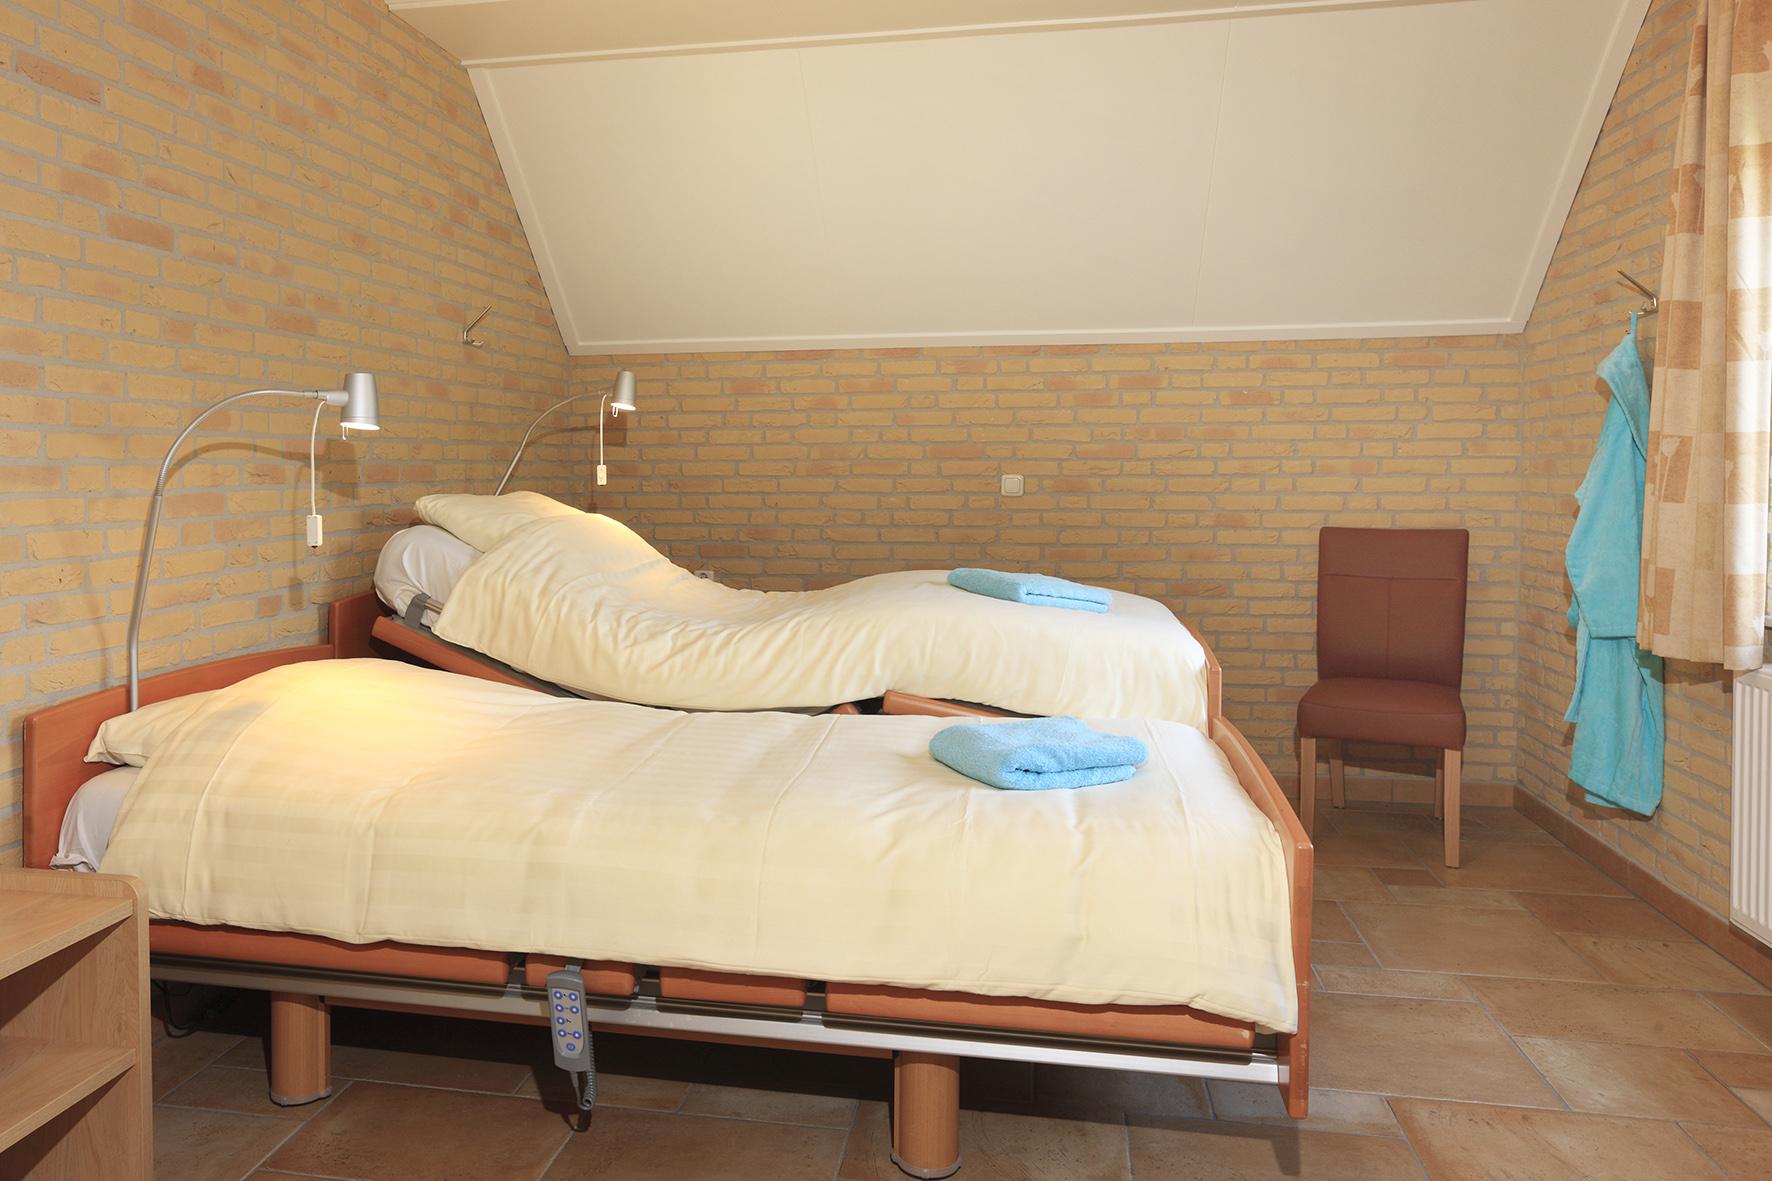 Slaapkamer elektrische bedden